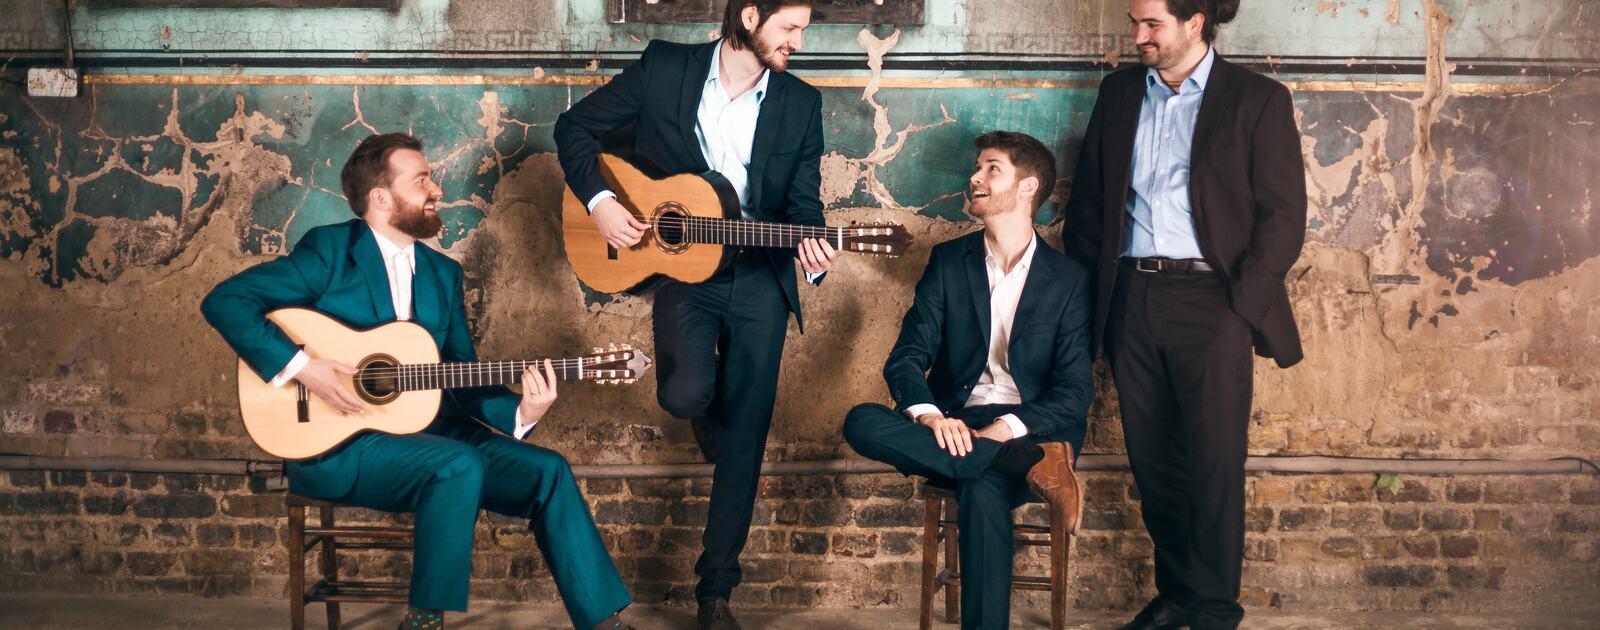 Mela Guitar Quartet, classical guitar quartet